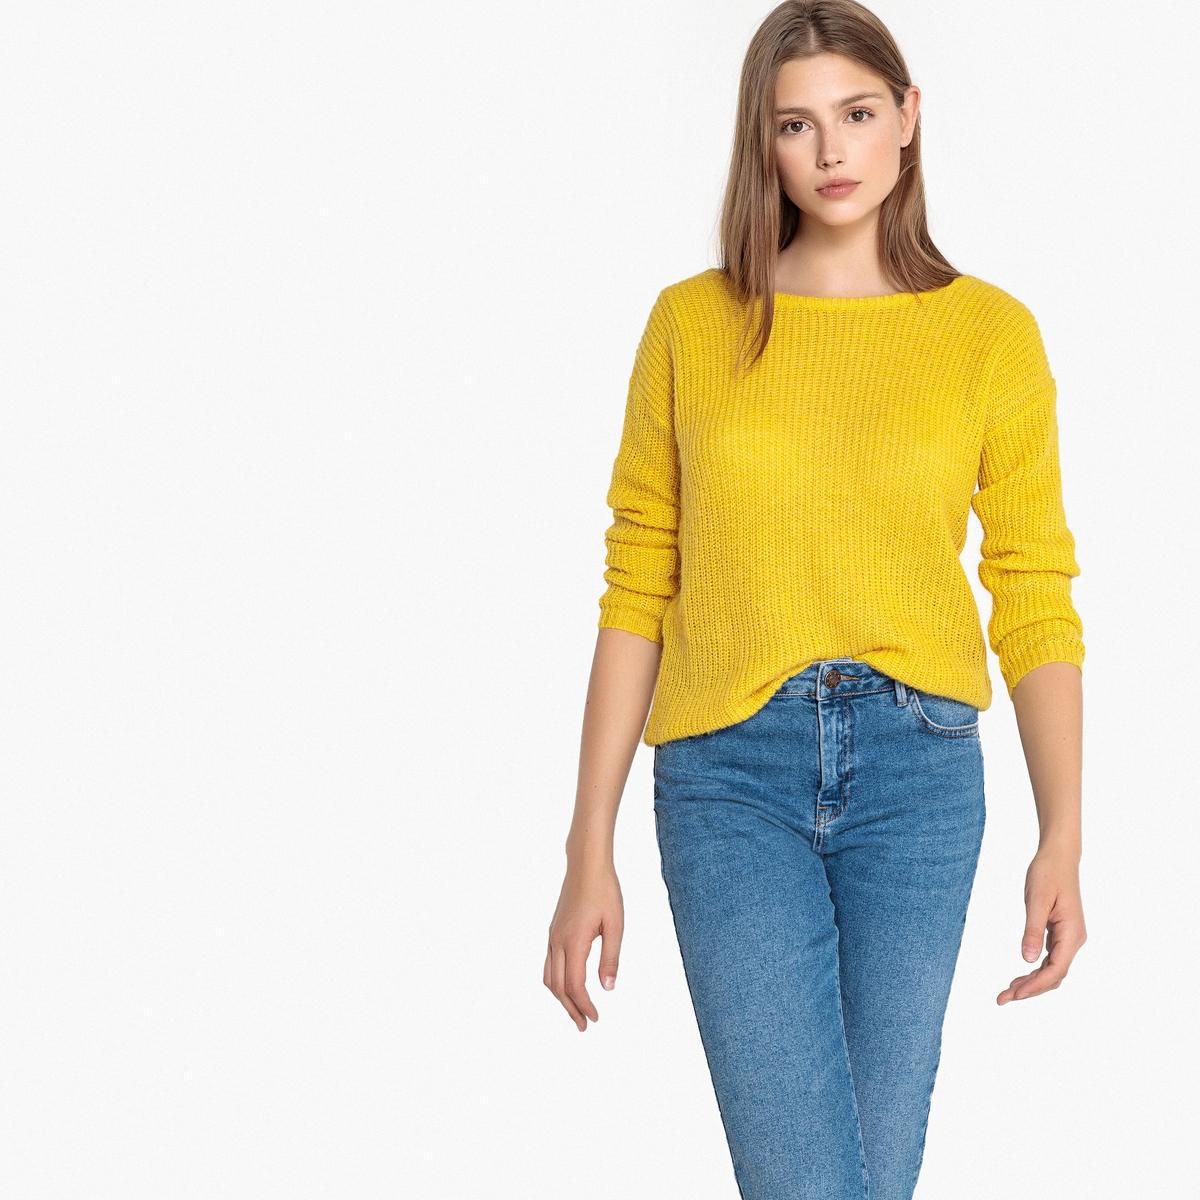 Пуловер с V-образным вырезом сзади и длинными рукавами пуловер из плотного трикотажа с v образным вырезом